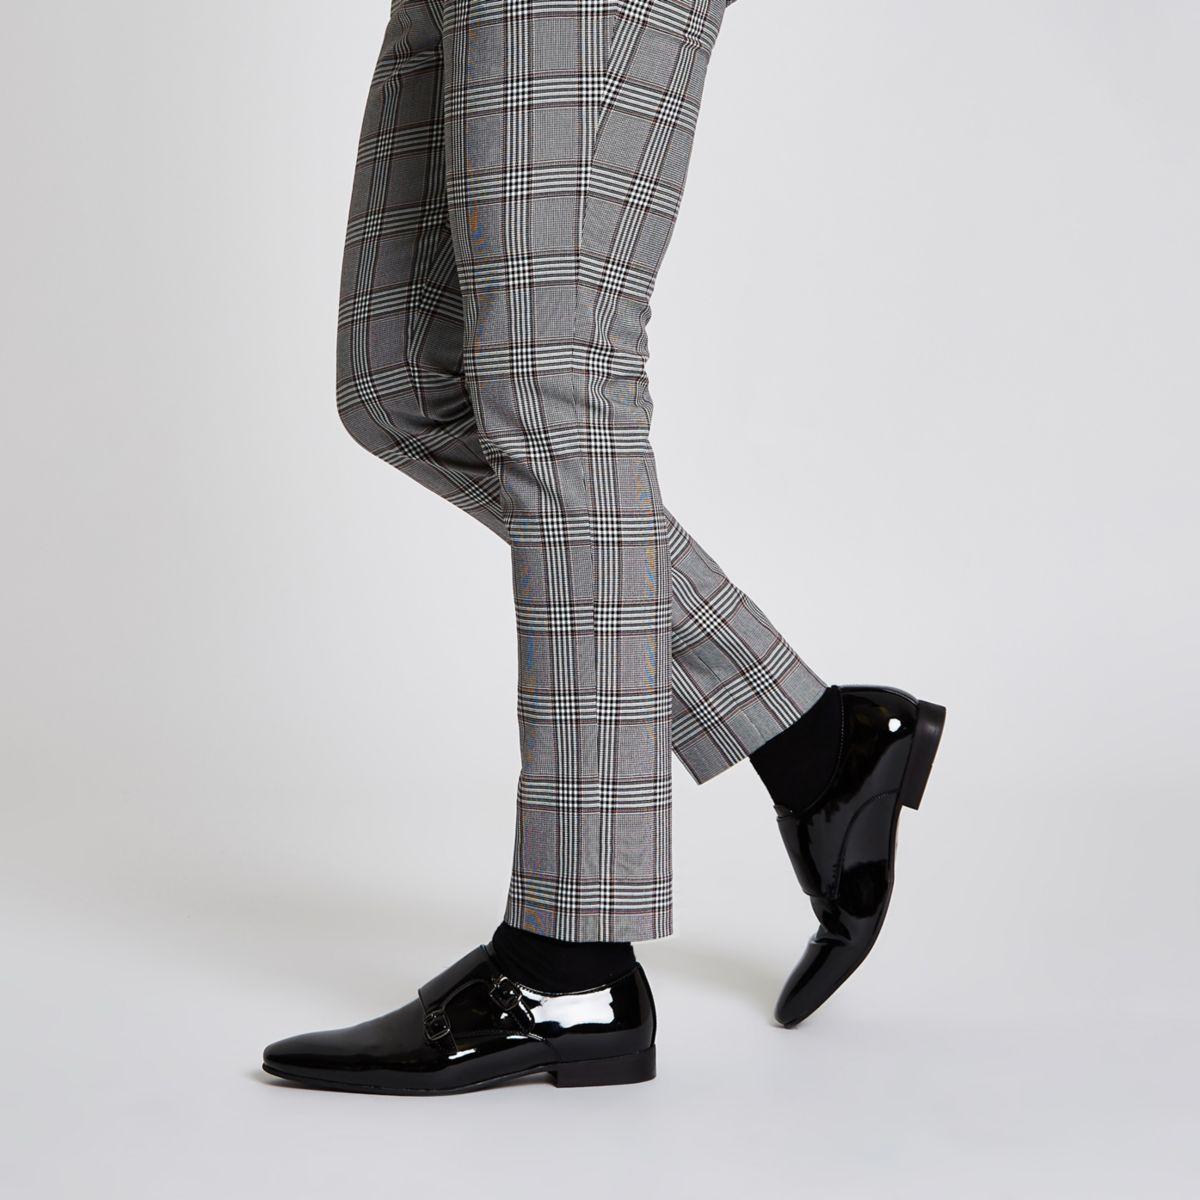 Black patent monk strap shoes